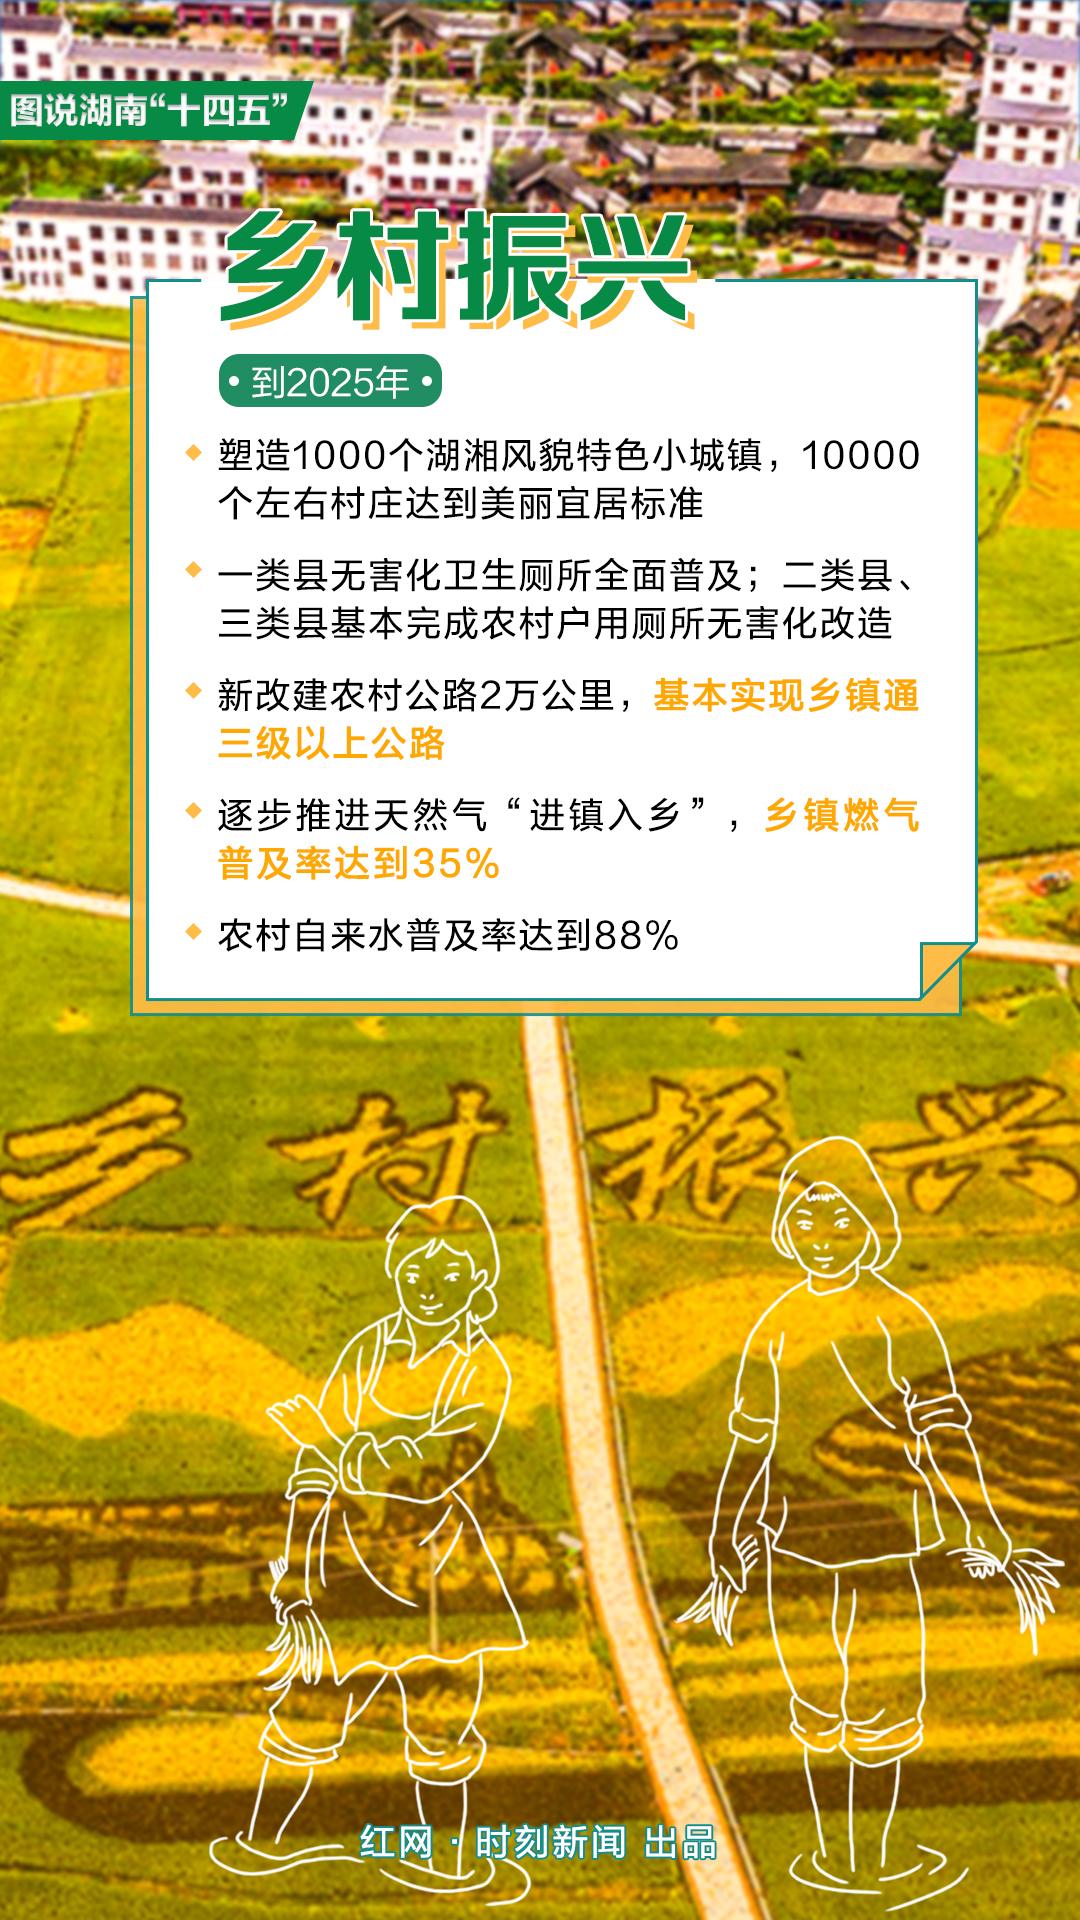 乡村振兴.jpg